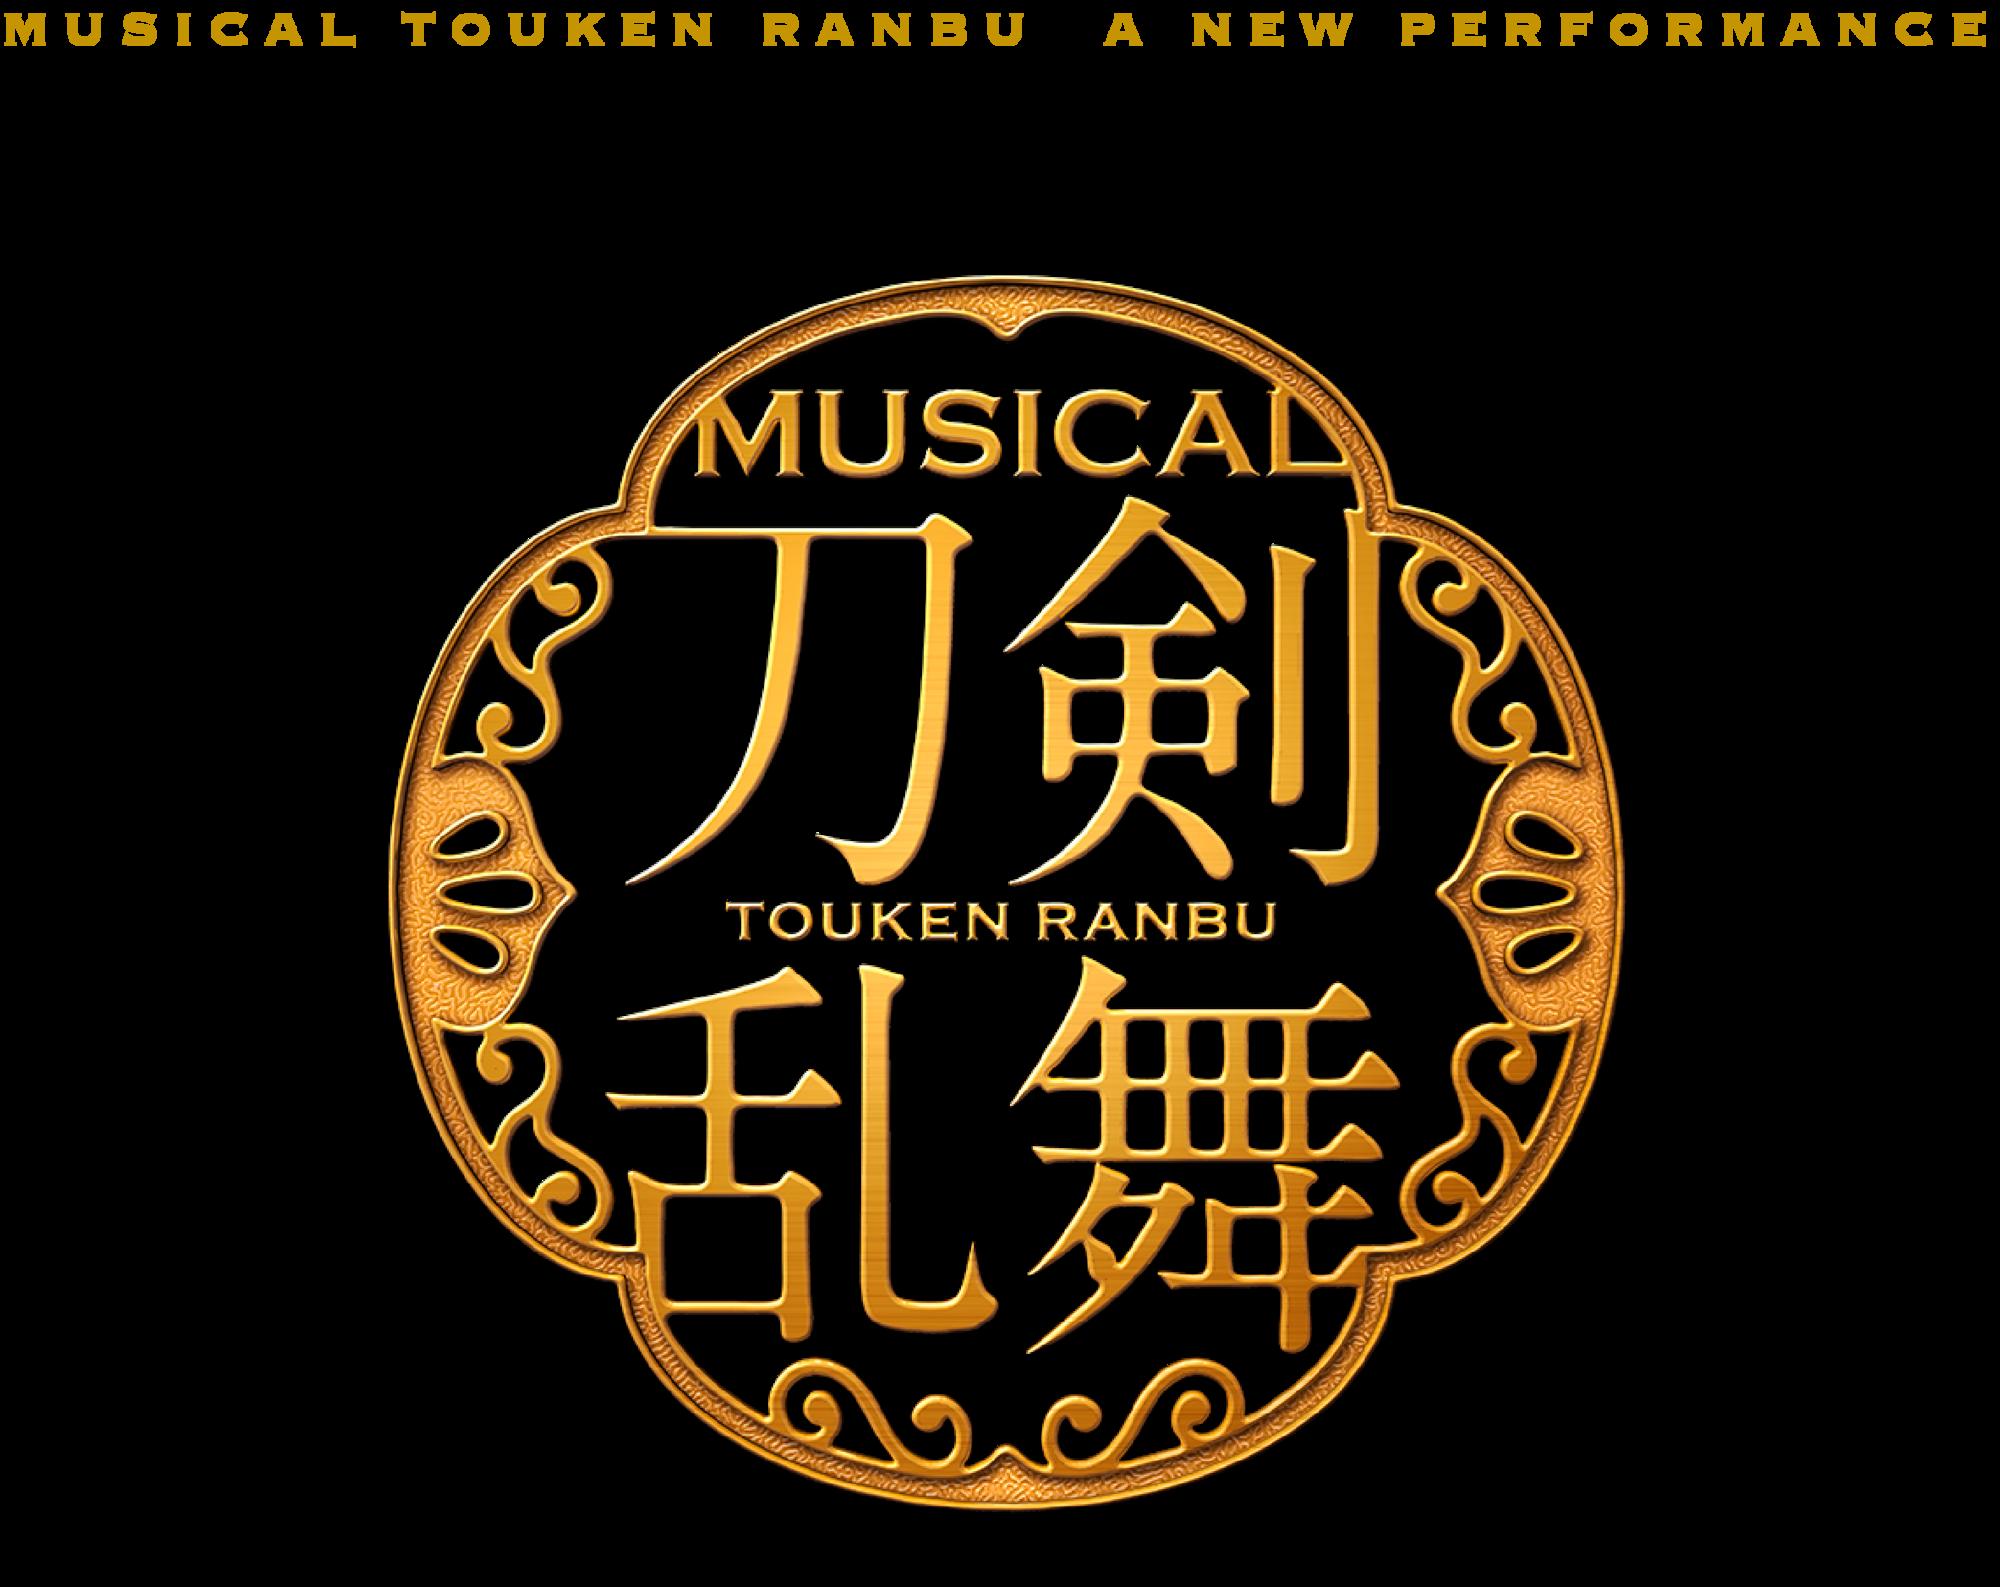 ミュージカル『刀剣乱舞』メインロゴ